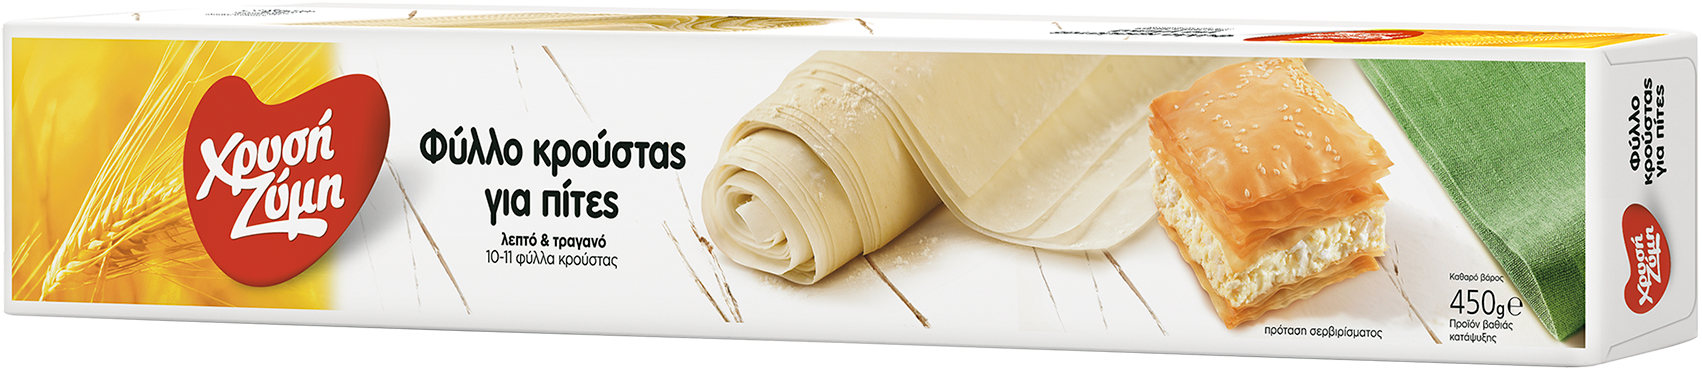 τριφτή χορτοτυρόπιτα με φύλλο κρούστας Χρυσή Ζύμη